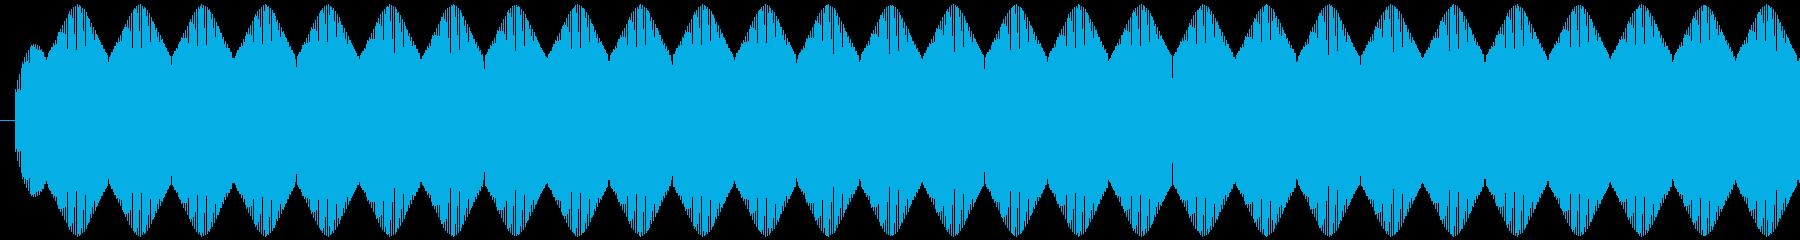 ゲージ増減 得点などの集計 ティロロロ…の再生済みの波形